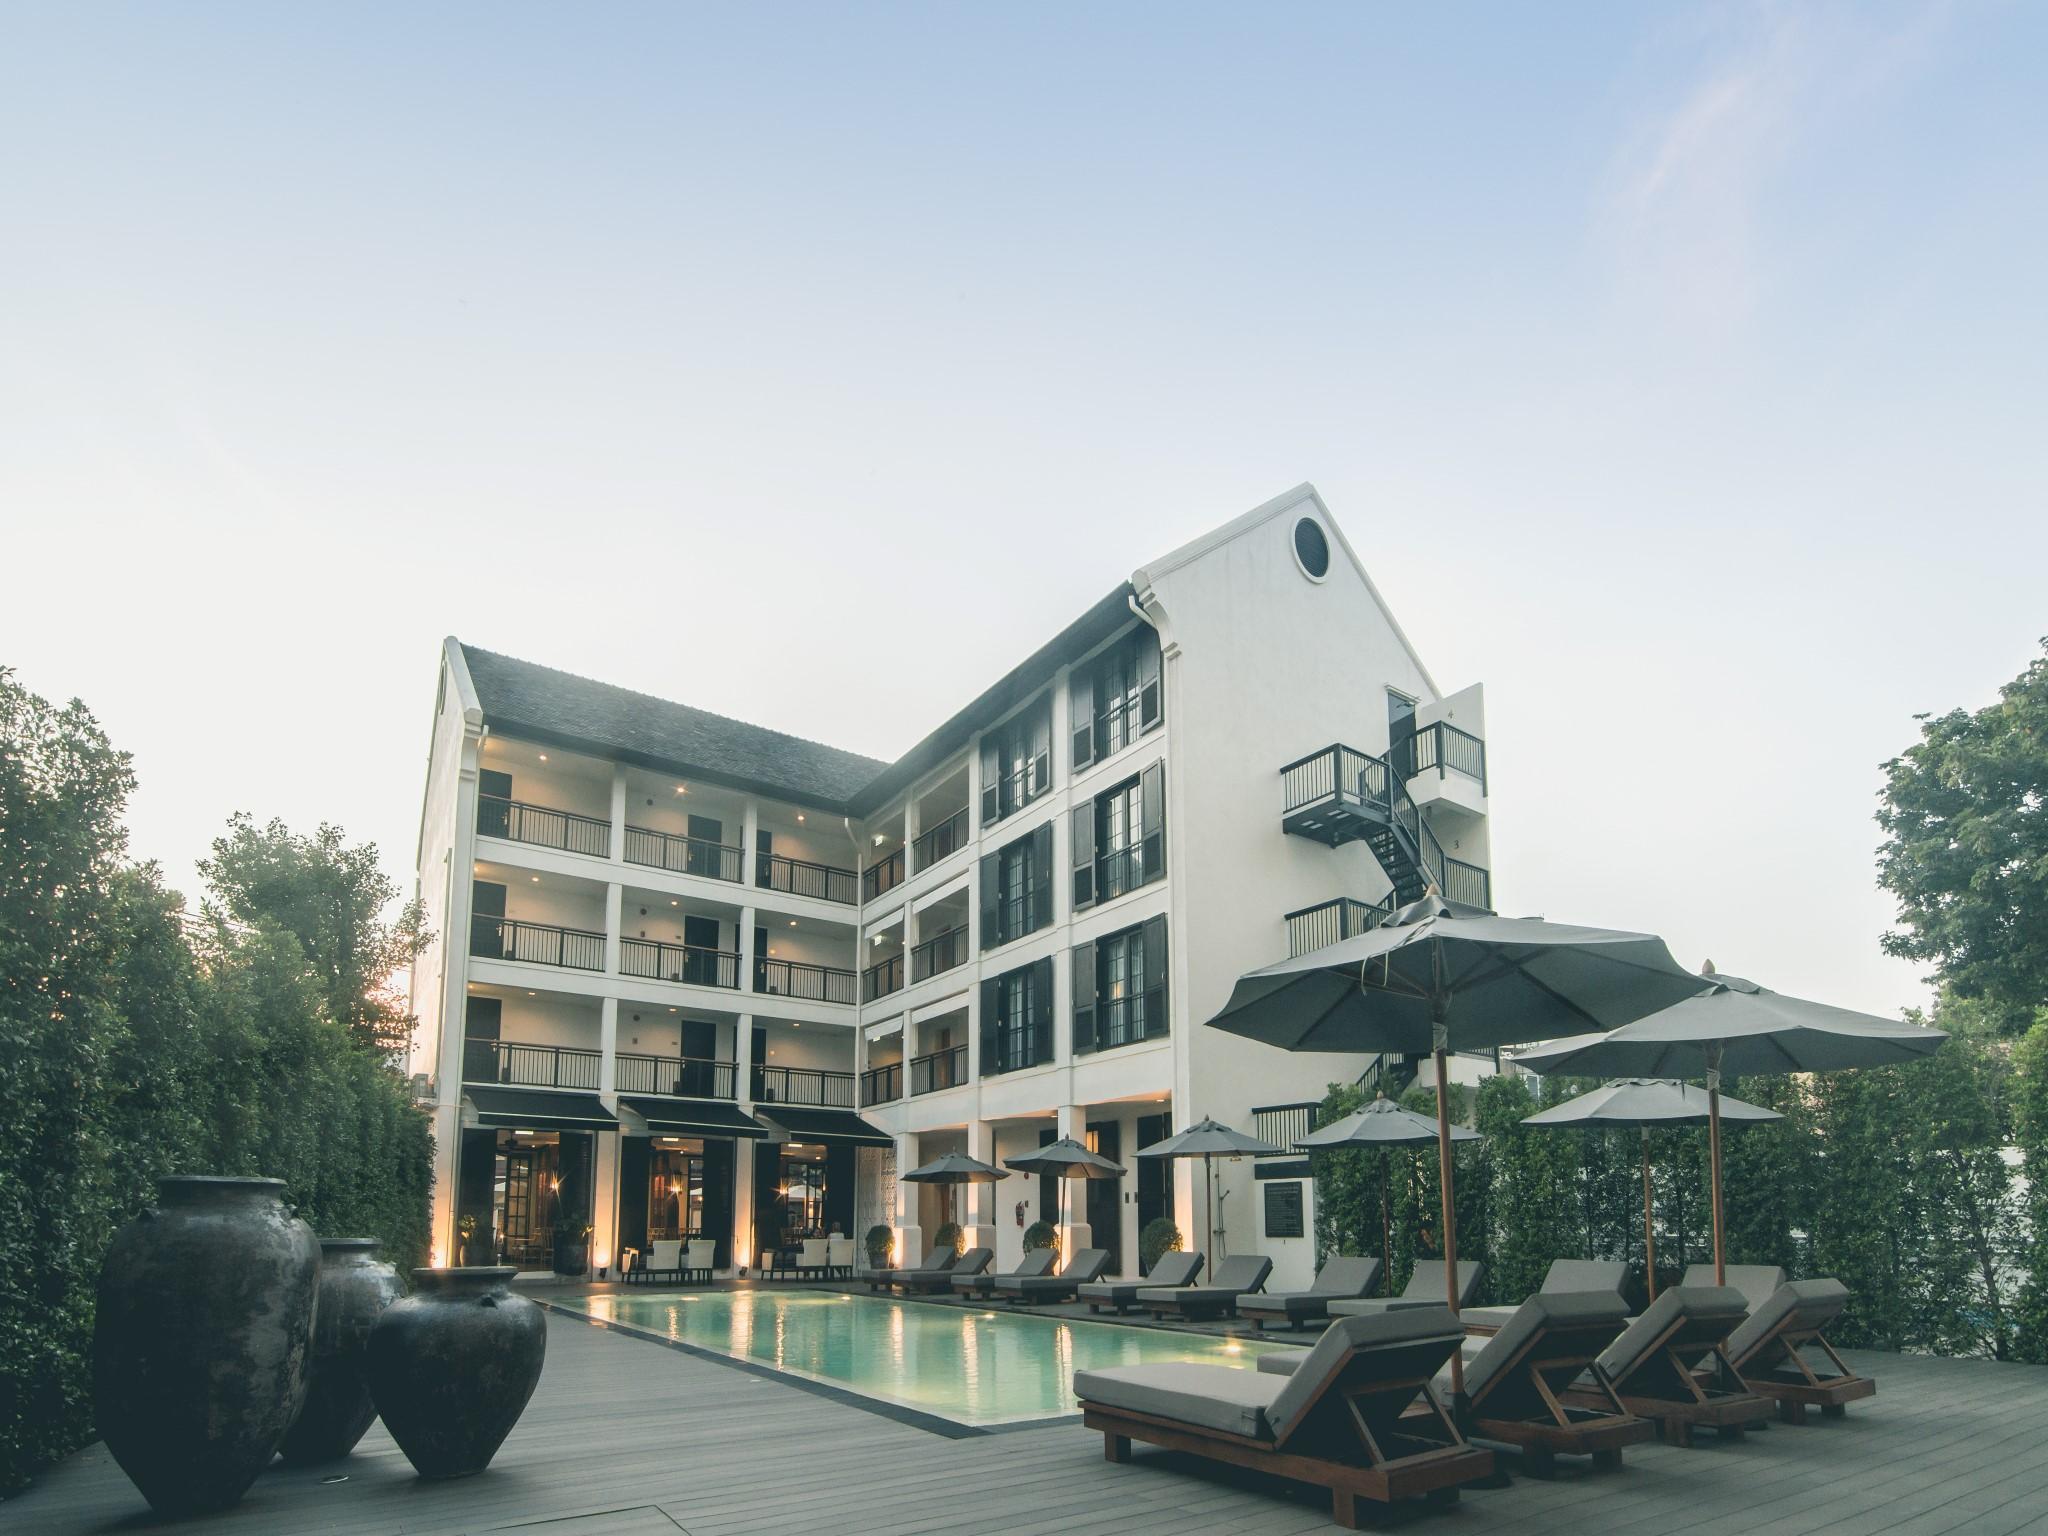 ข้อเสนอดีๆ บุรีศิริ บูทิก โฮเทล (Buri Siri Boutique Hotel) ราคาพิเศษ